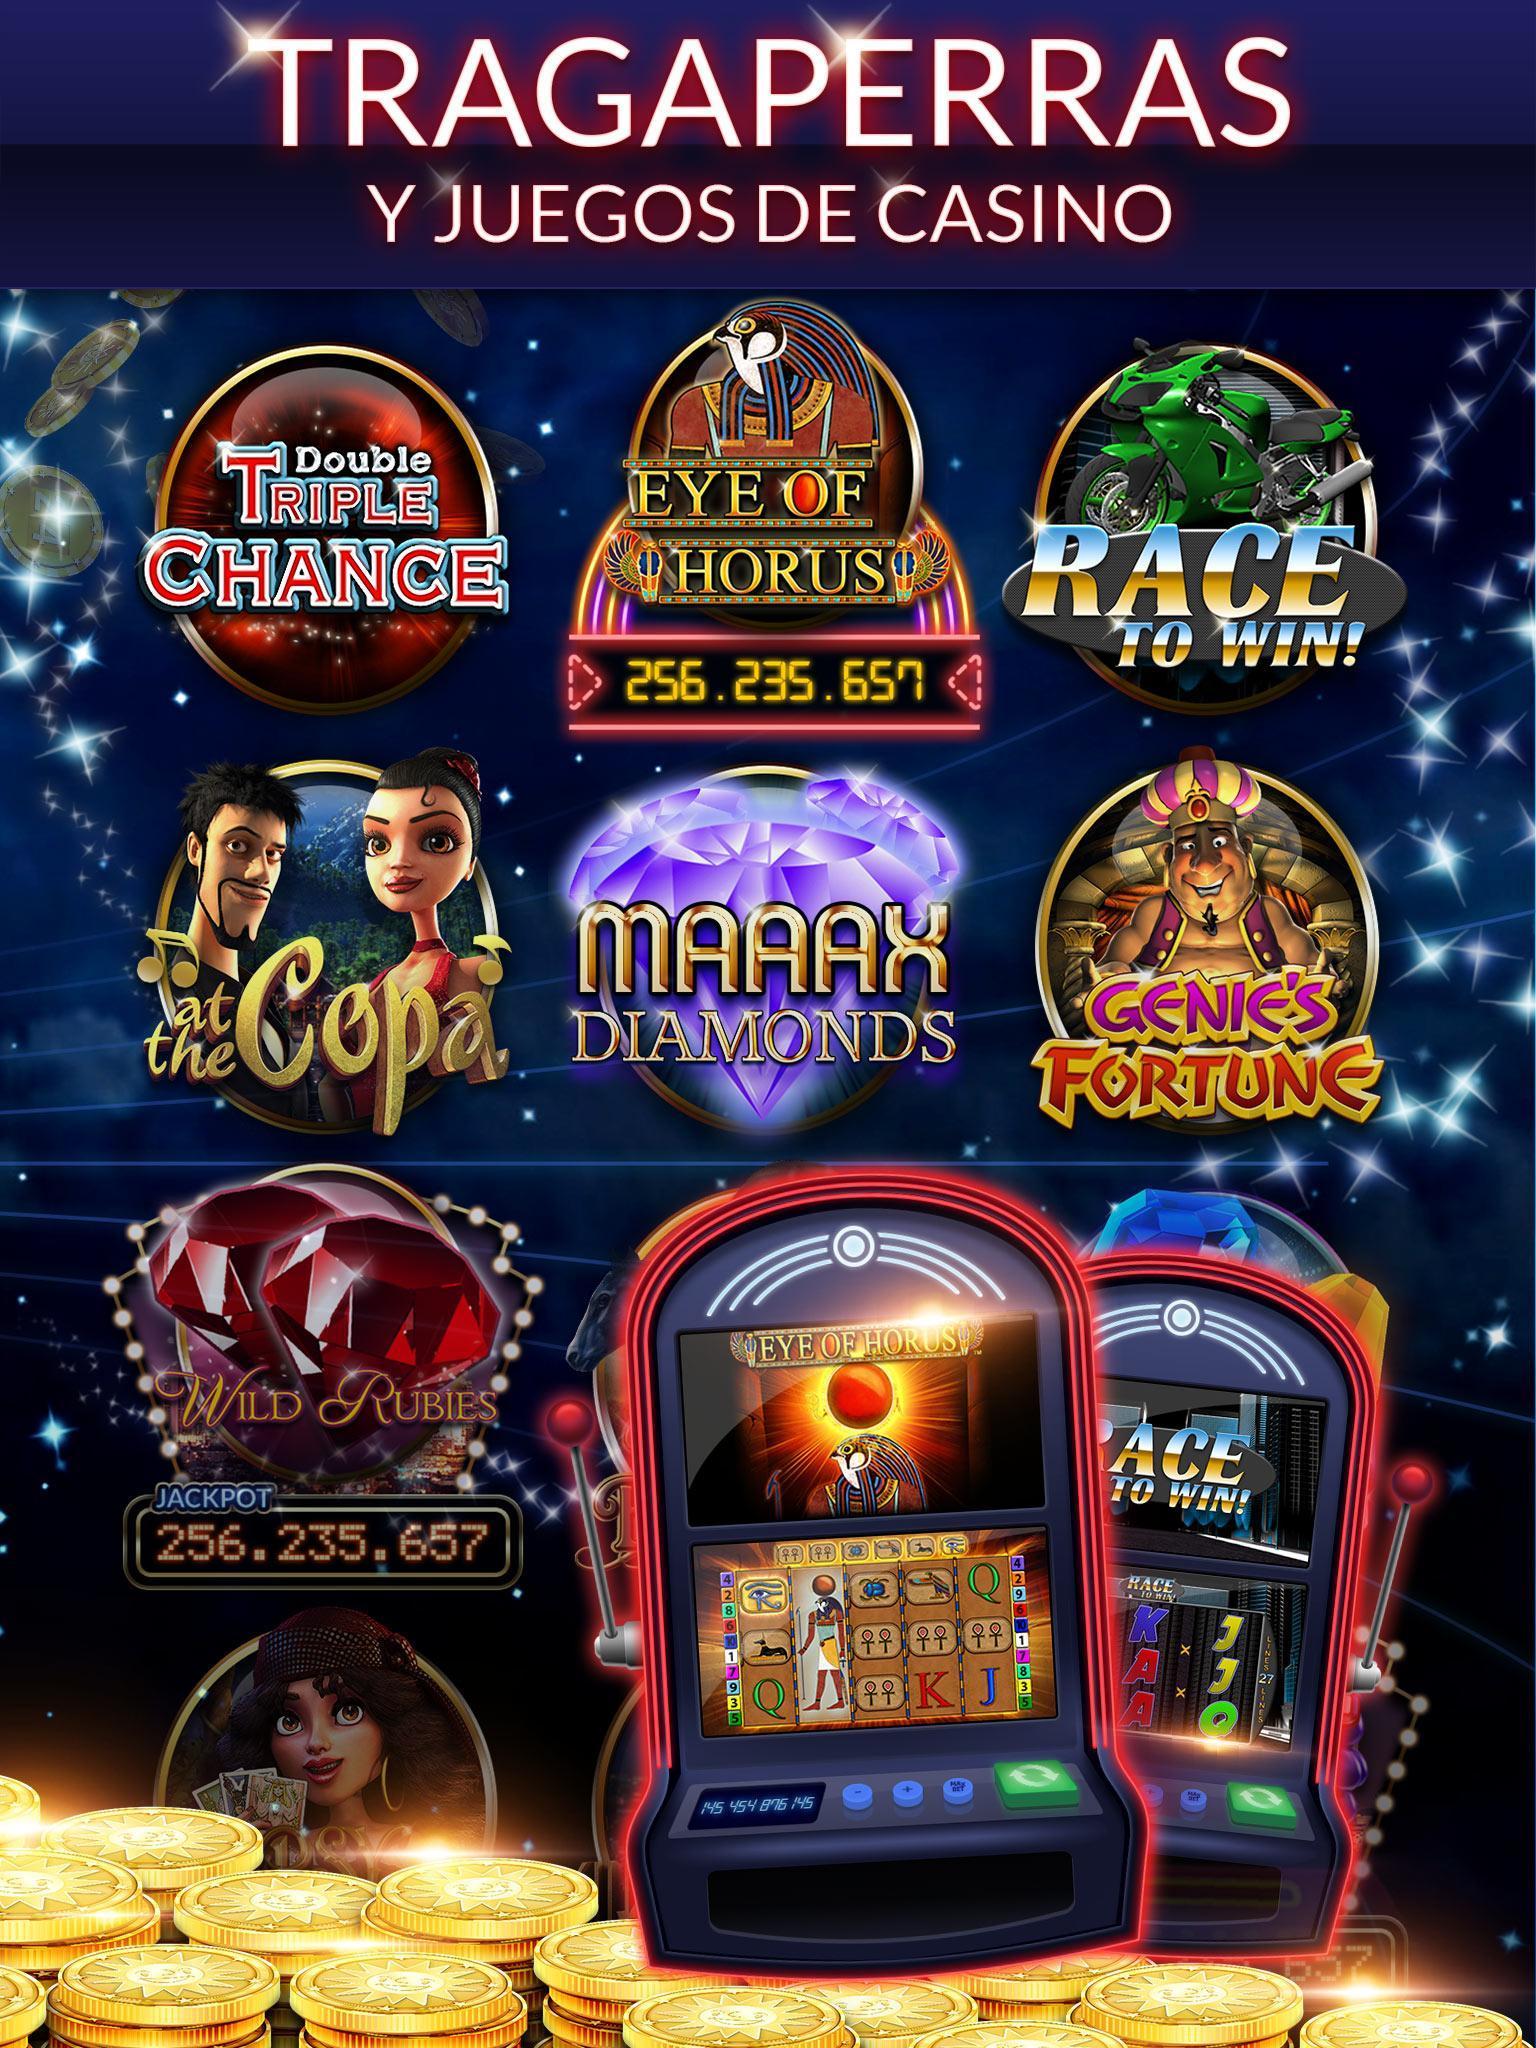 Casino Y Tragaperras